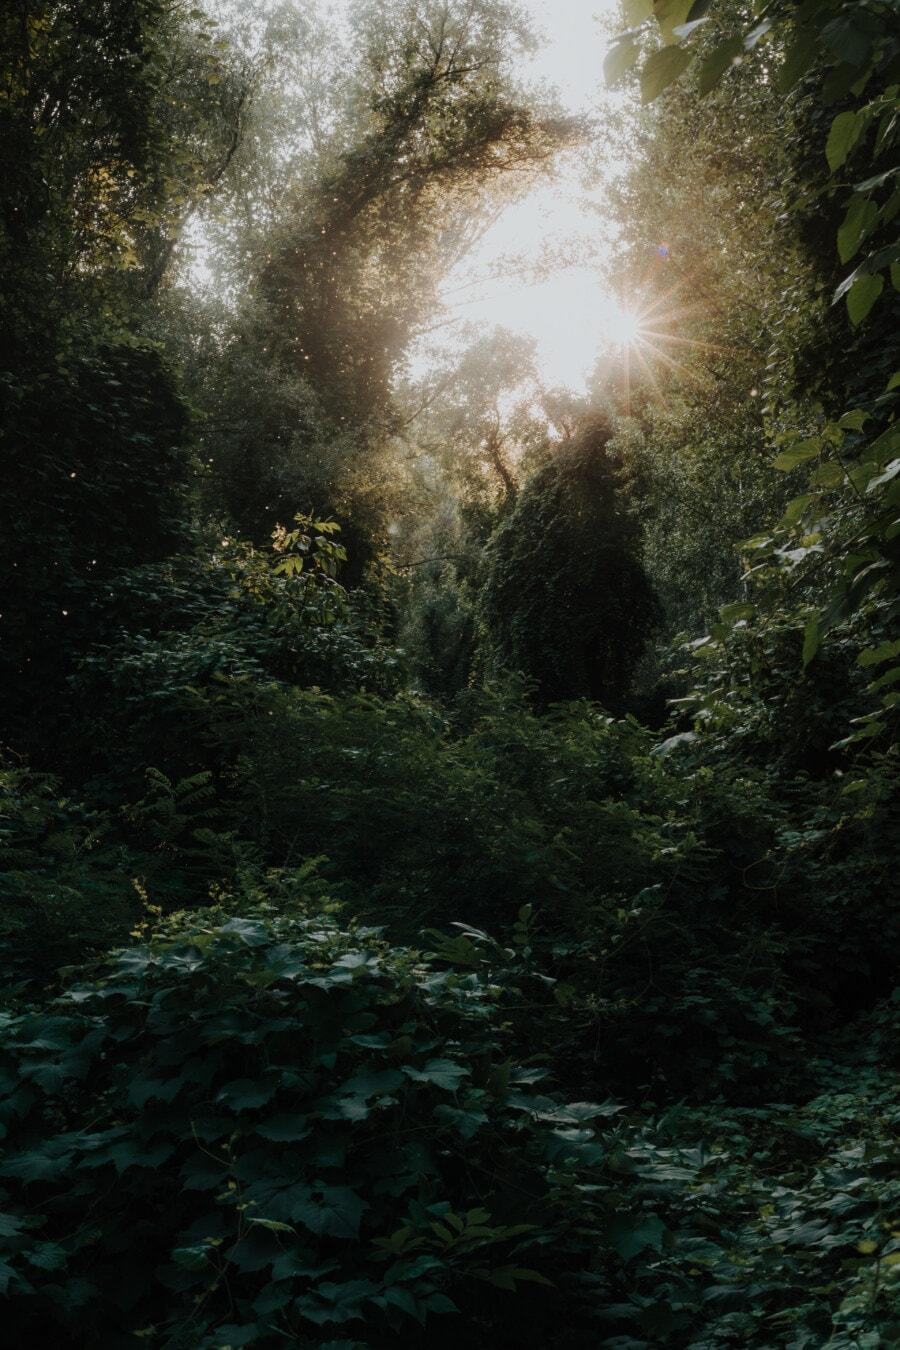 Magie, Wald, Sonnenstrahlen, Sonnenschein, Grün, Laub, Bäume, Blatt, Struktur, Holz